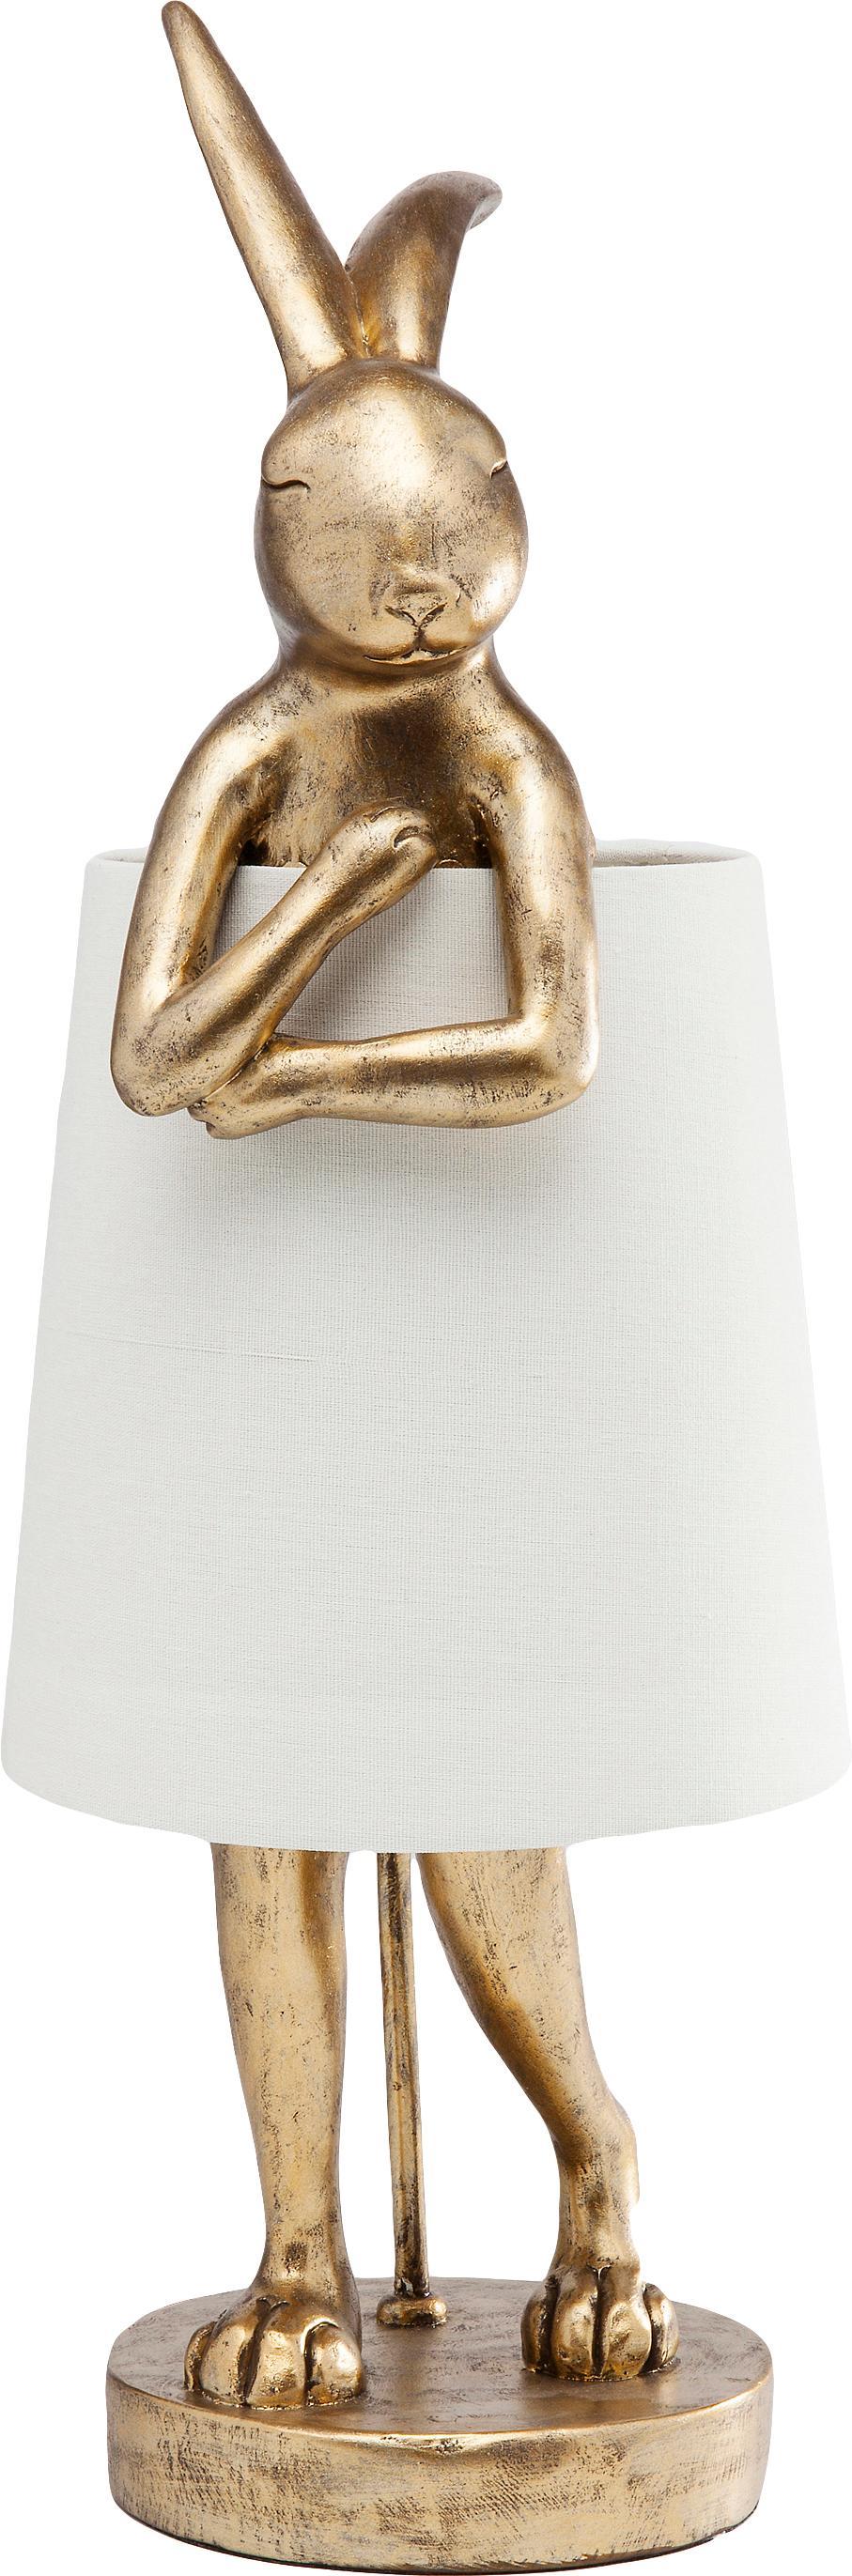 Große Design-Tischlampe Rabbit, Lampenschirm: Leinen, Lampenfuß: Polyresin, Stange: Stahl, pulverbeschichtet, Weiß, Goldfarben, Ø 23 x H 68 cm